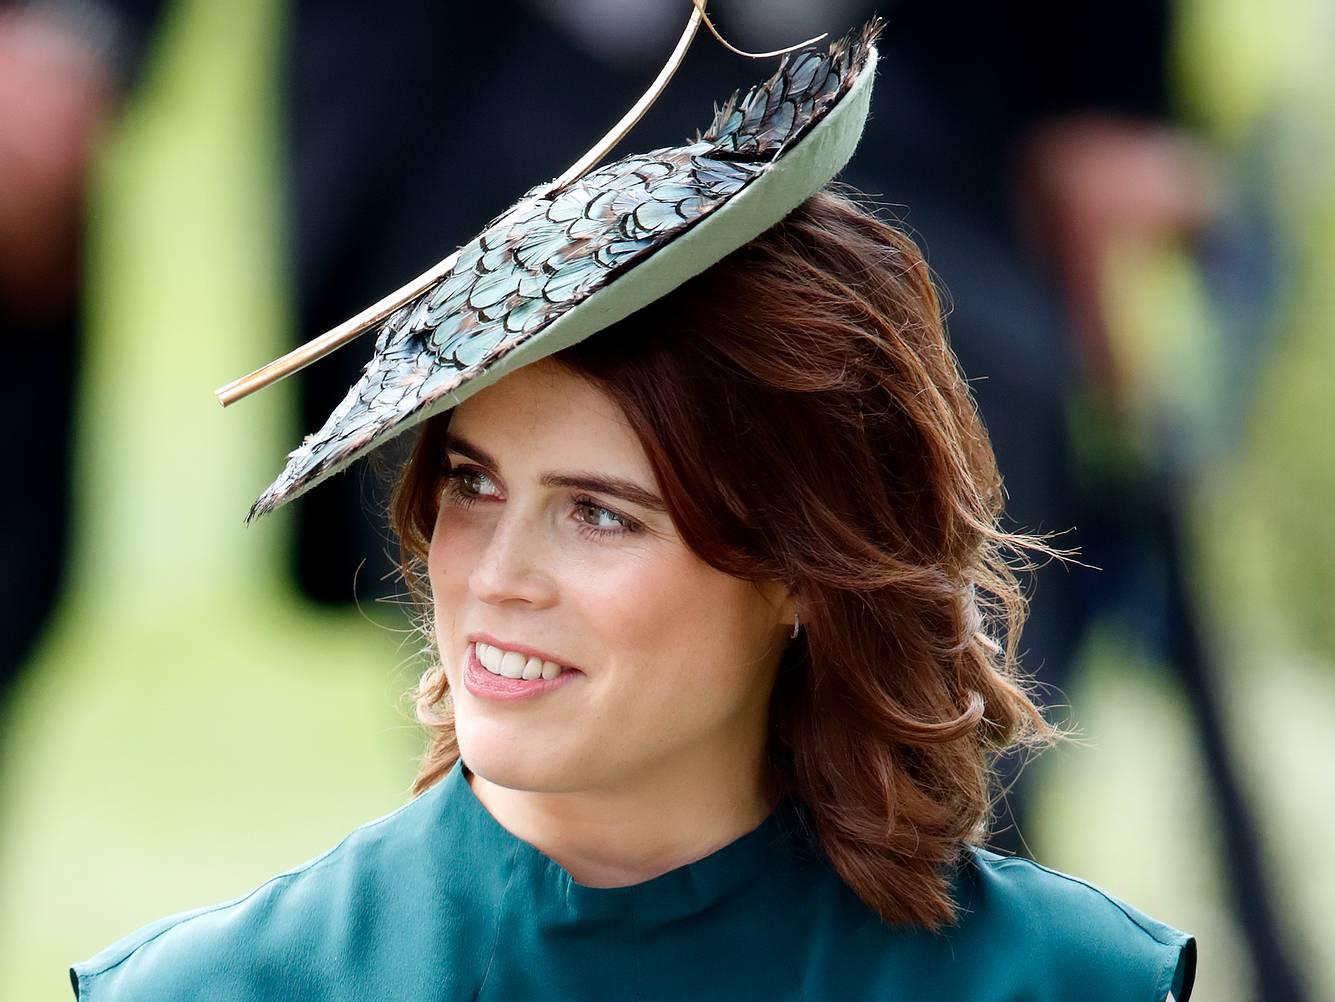 Prinzessin Eugenie ist die jüngste Tochter von Prinz Andre und Sarah Ferguson.